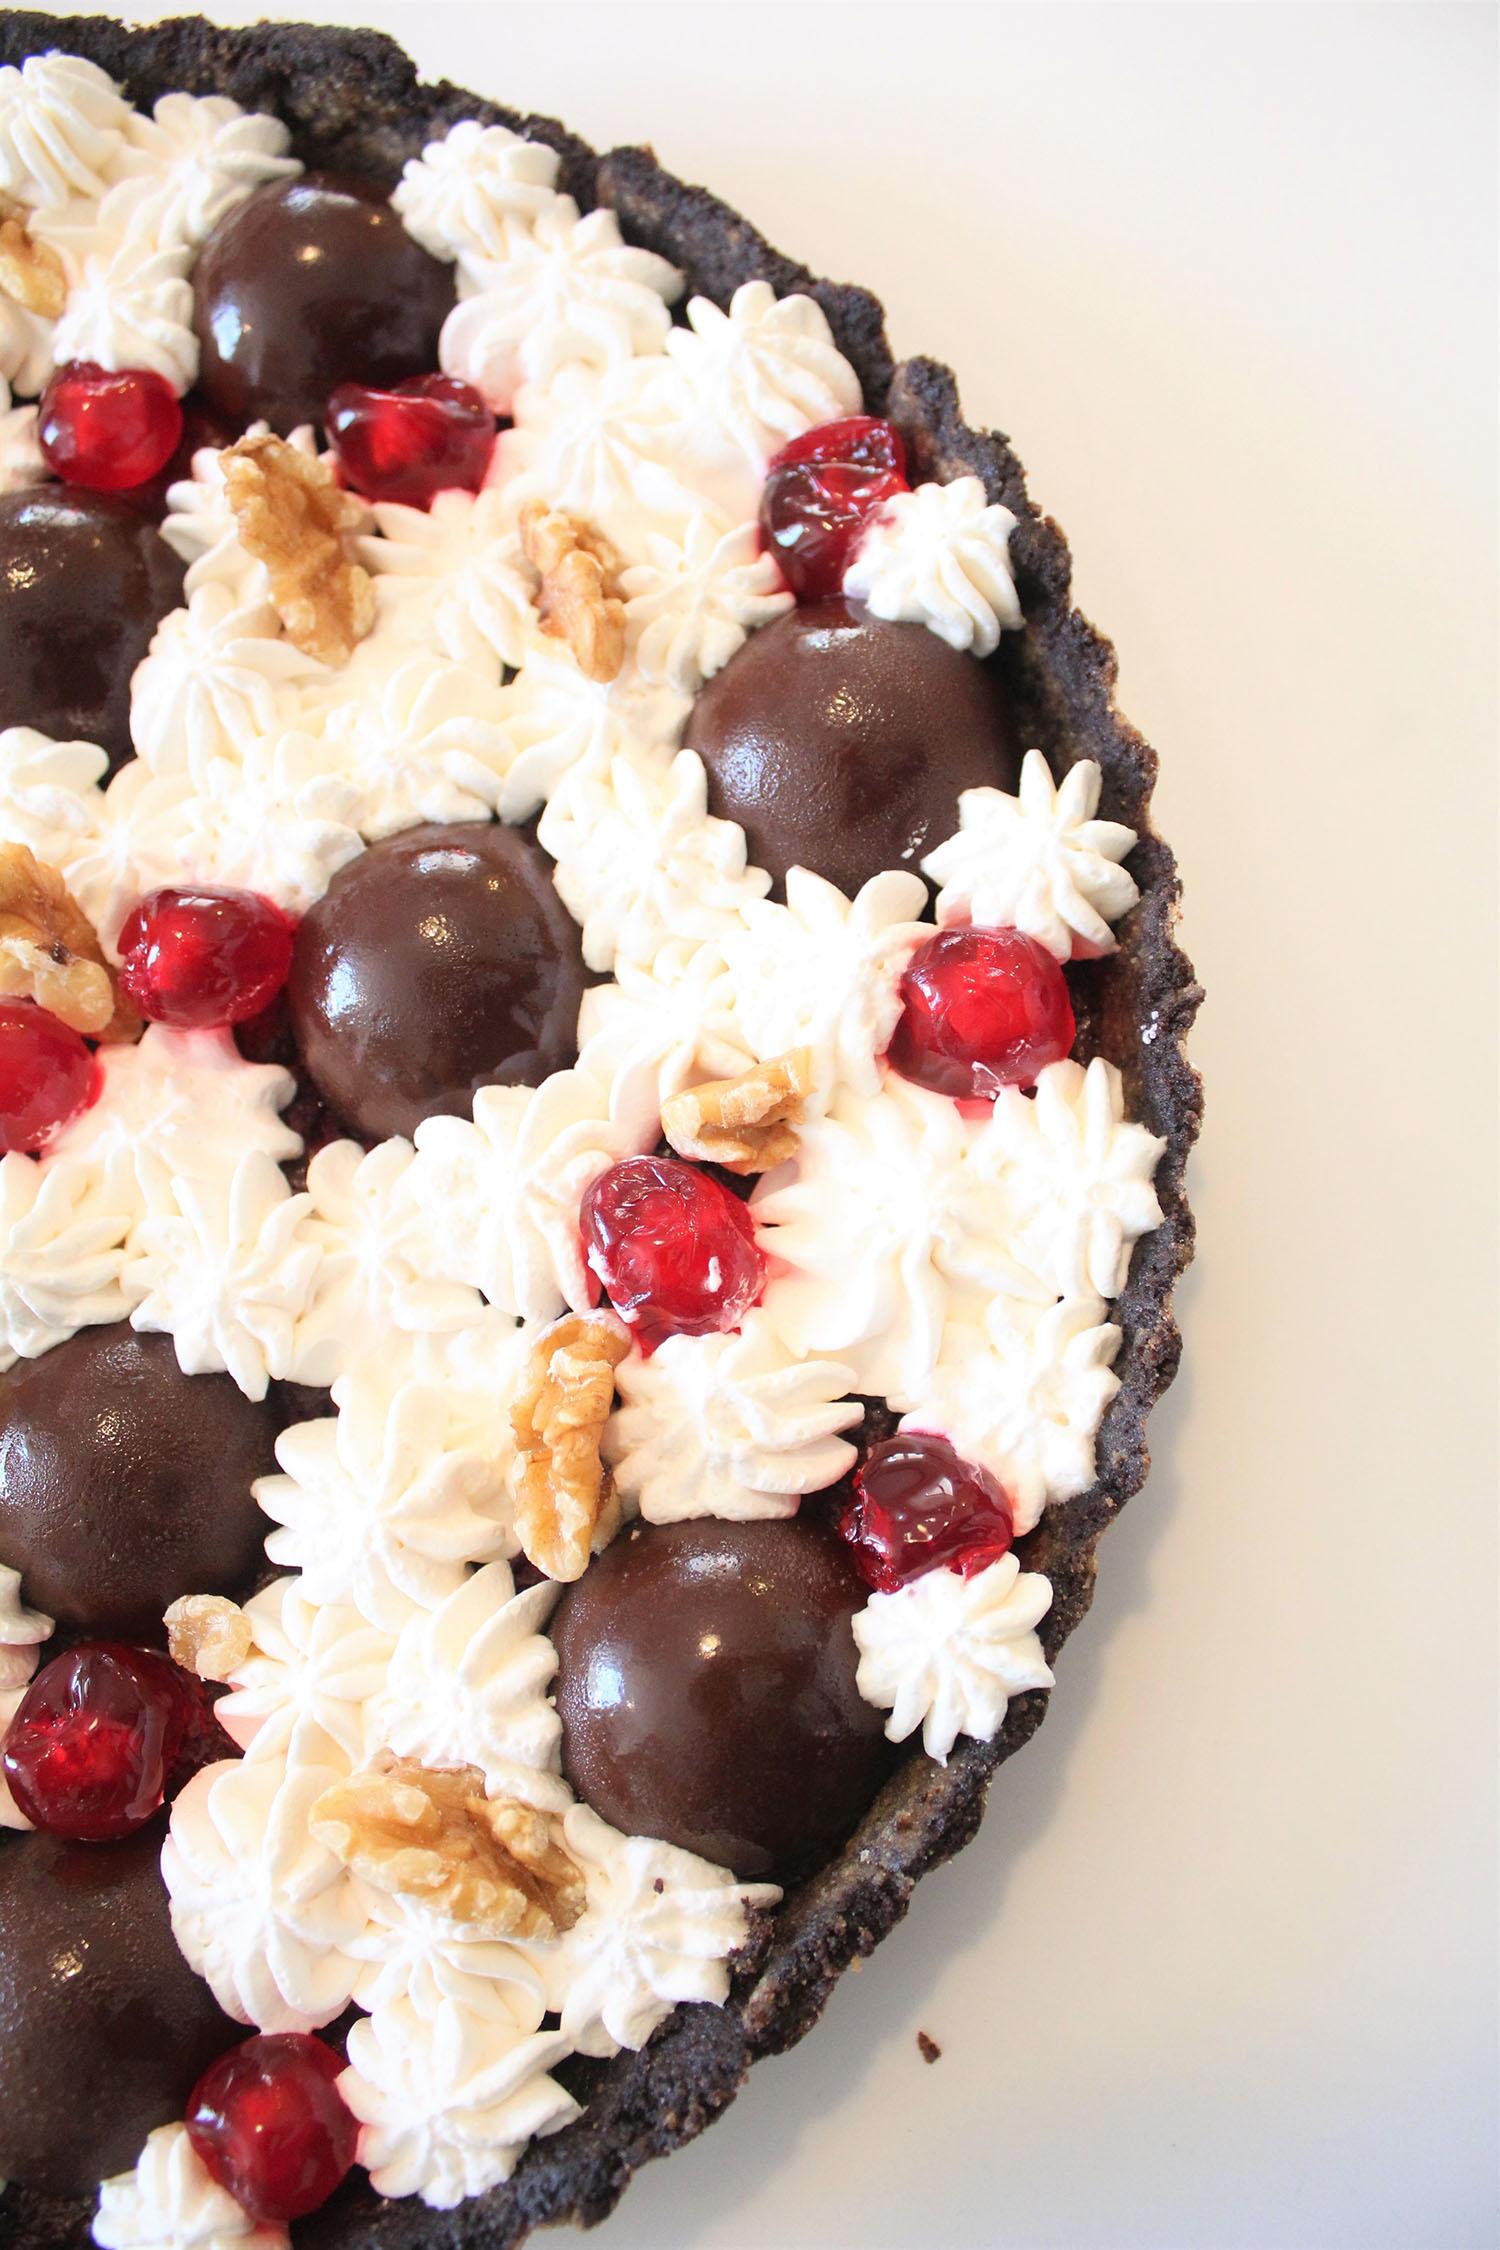 IMG 5106 - טארט שוקולד ודובדבנים